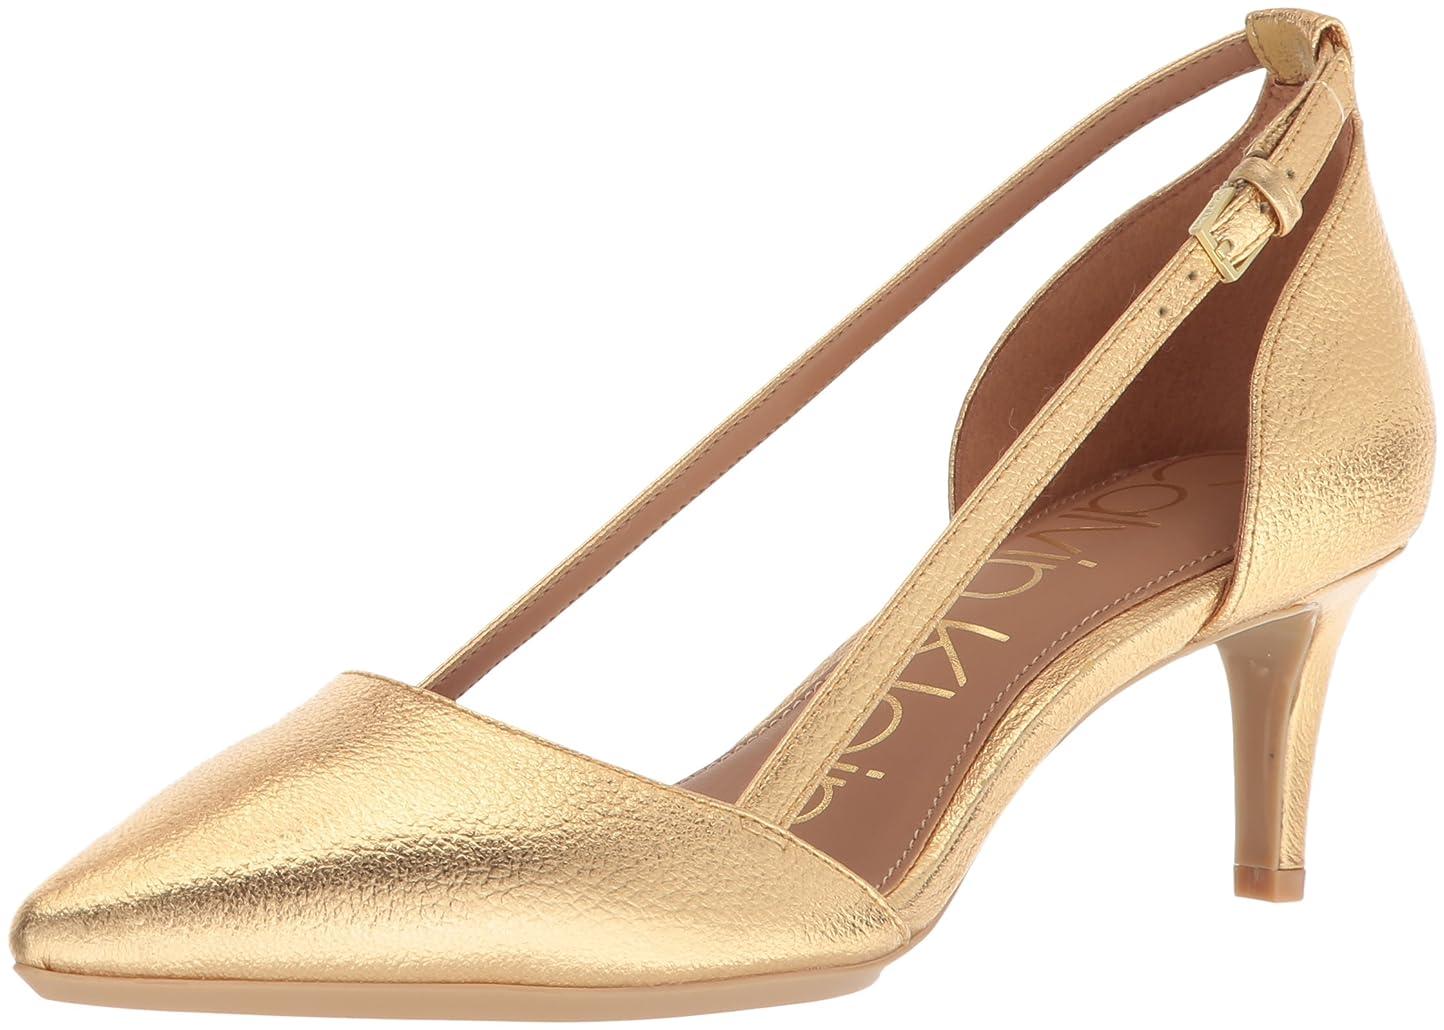 引き出す申し込む息切れ[Calvin Klein] レディース US サイズ: 9 B(M) US カラー: ゴールド